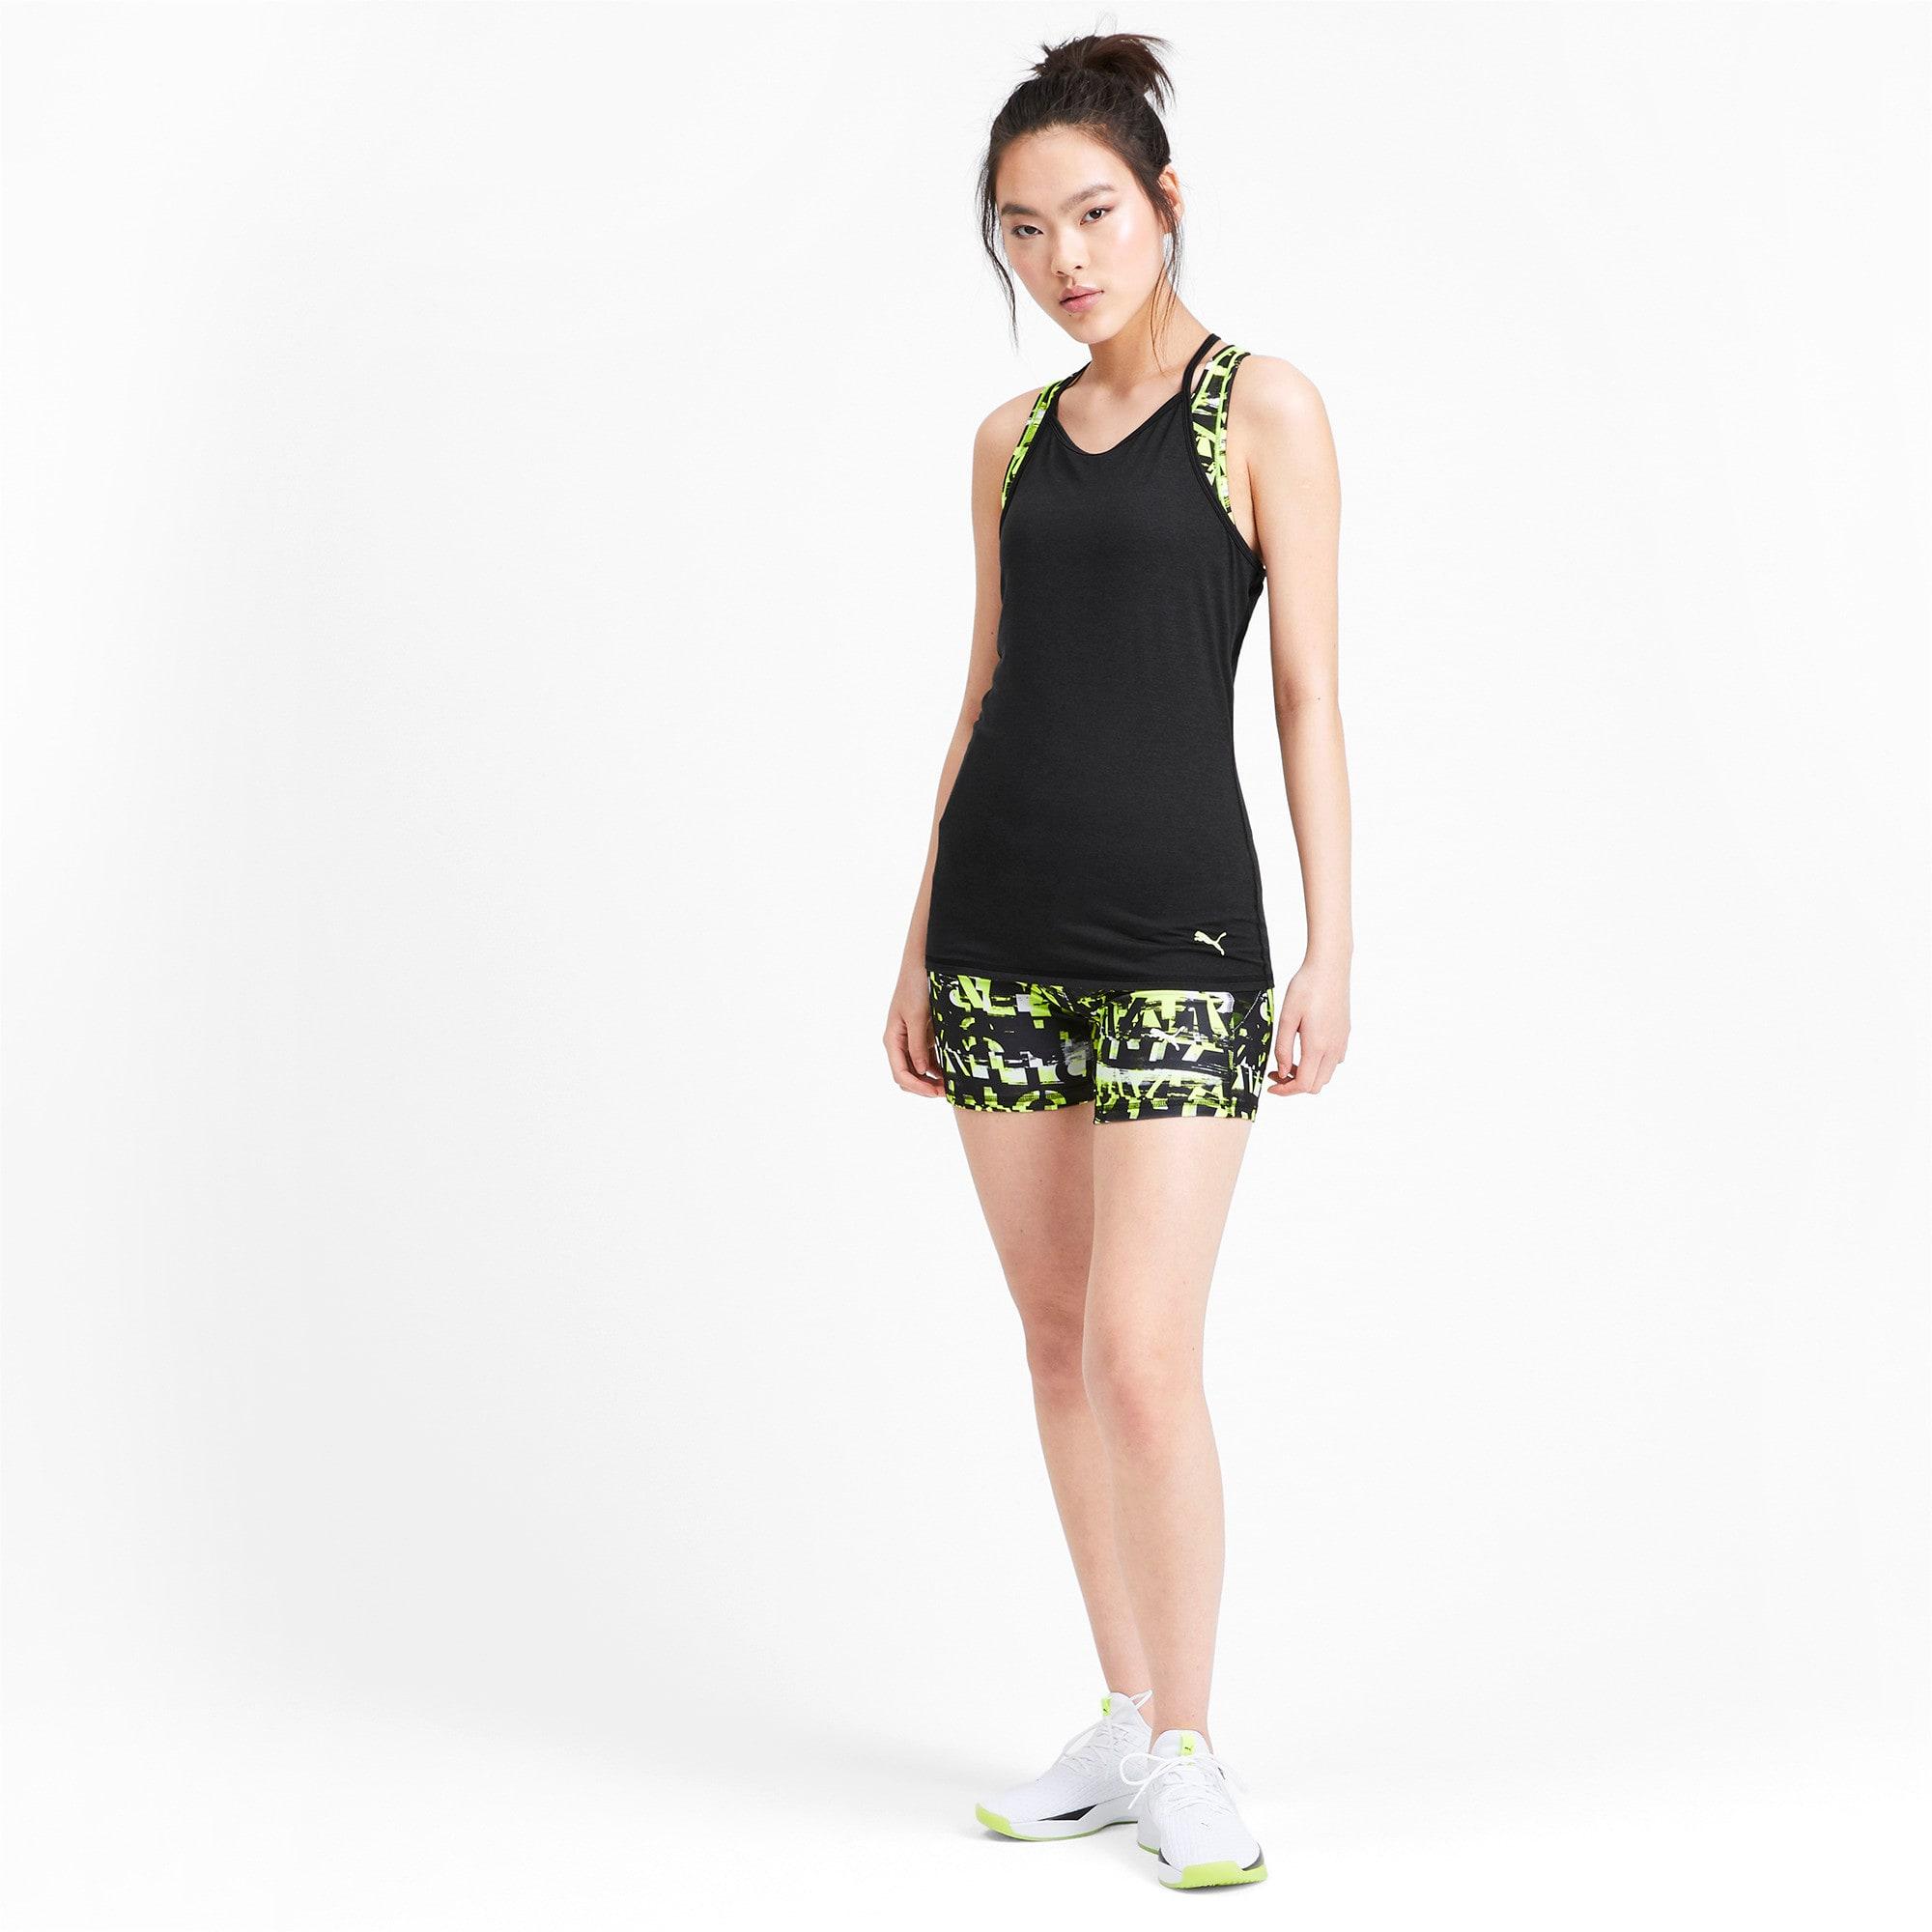 Miniatura 3 de Camiseta sin mangas Studio con espalda deportiva para mujer, Puma Black Heather, mediano